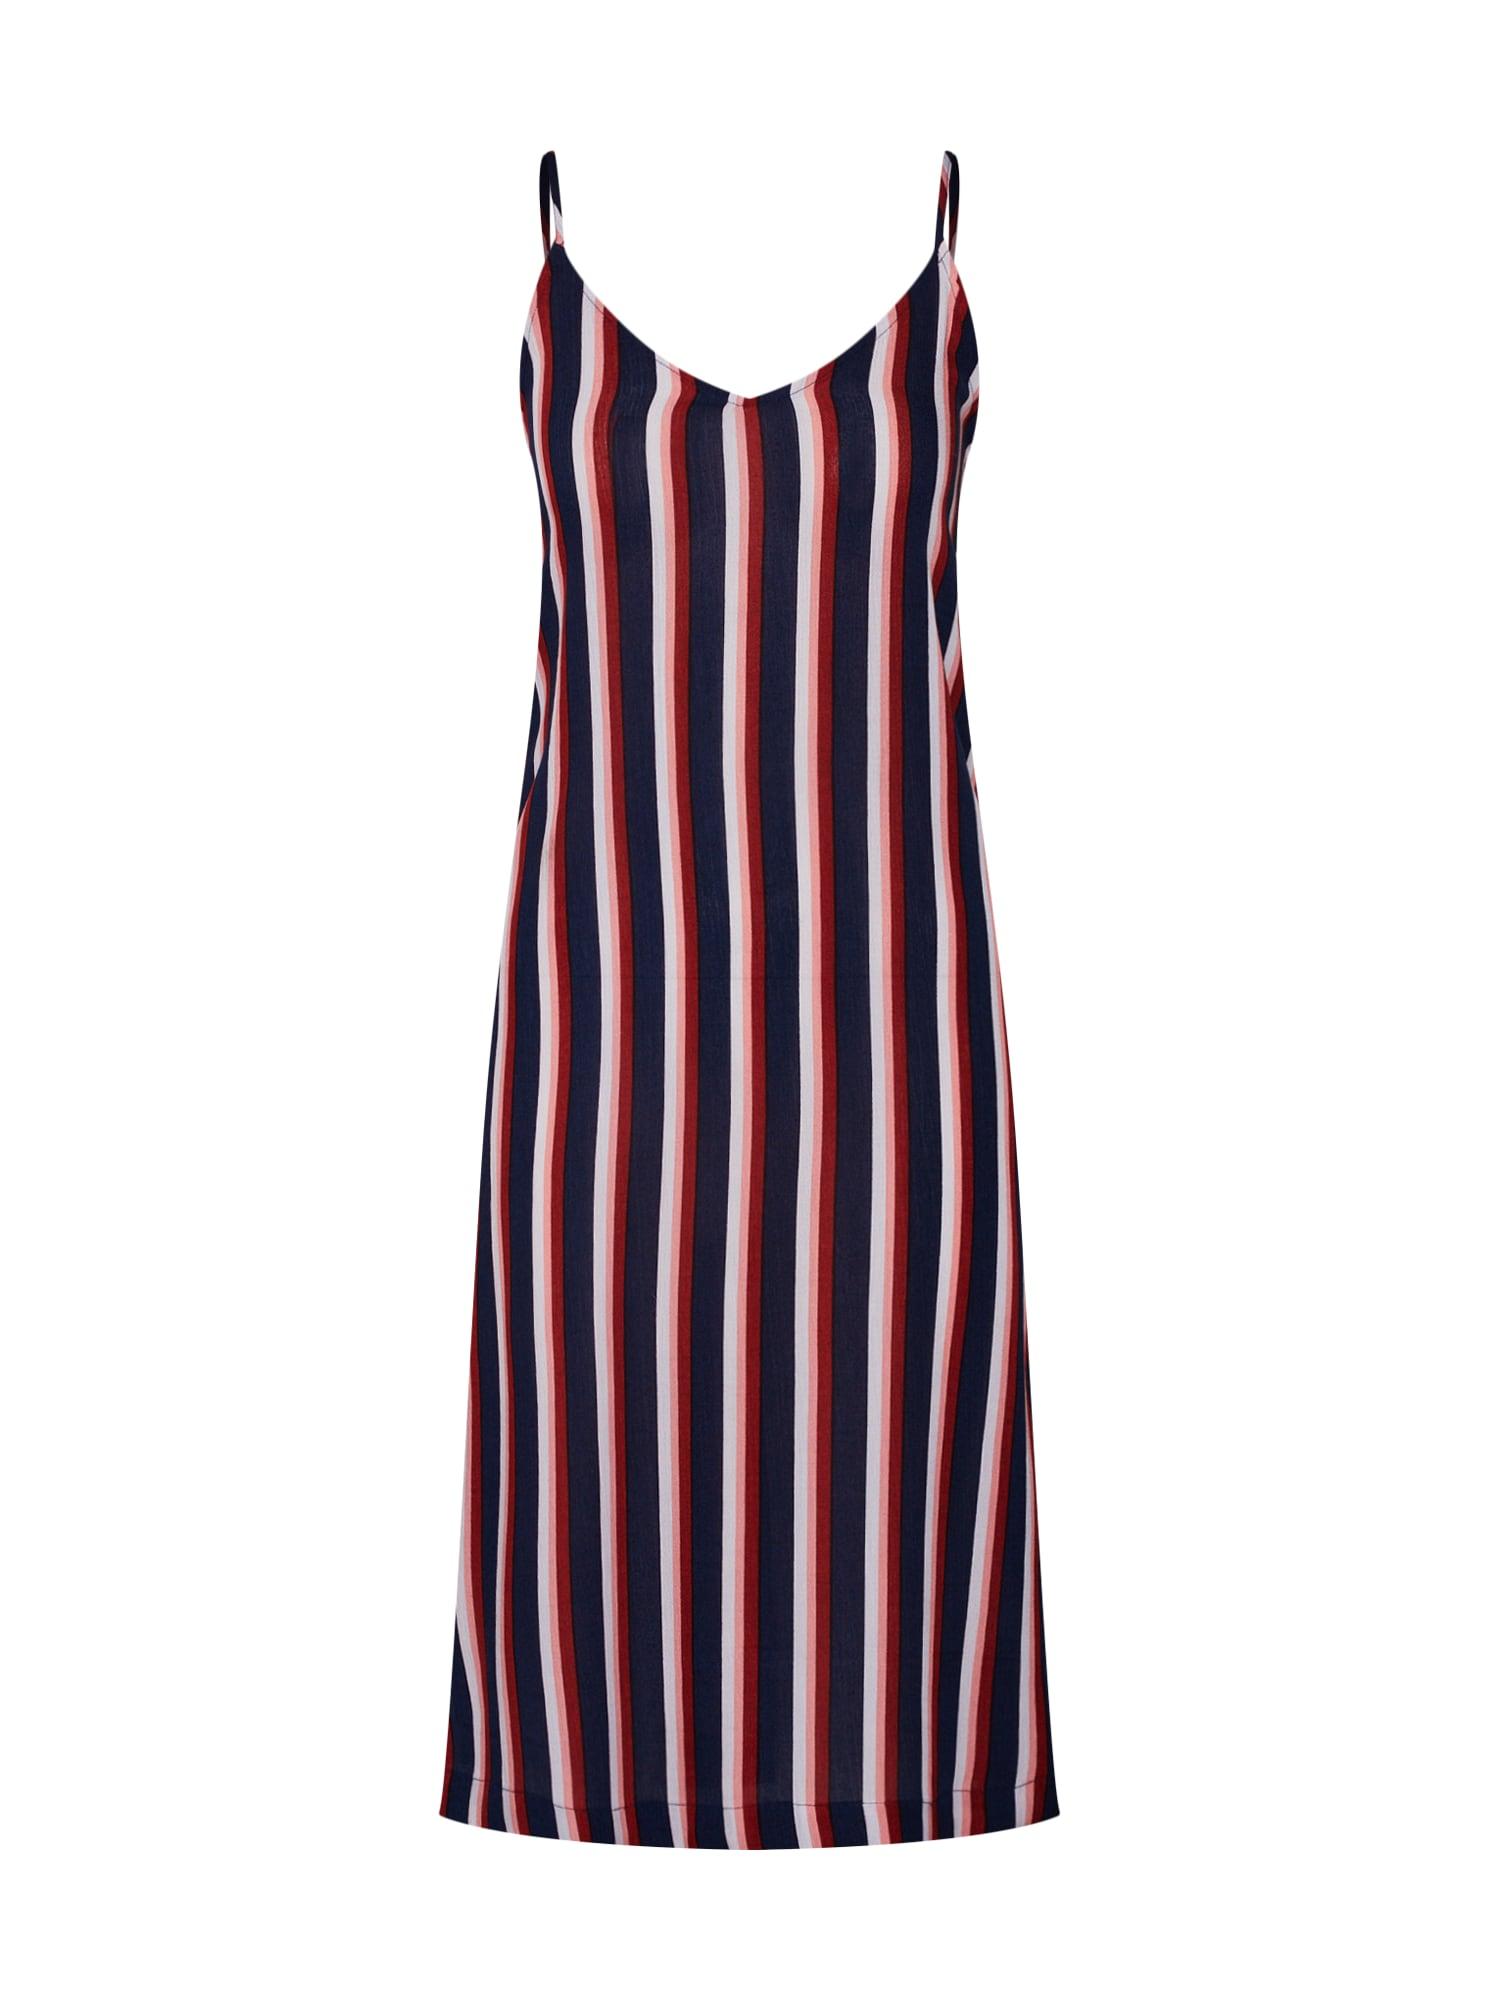 Letní šaty Bobby námořnická modř červená bílá ELEMENT